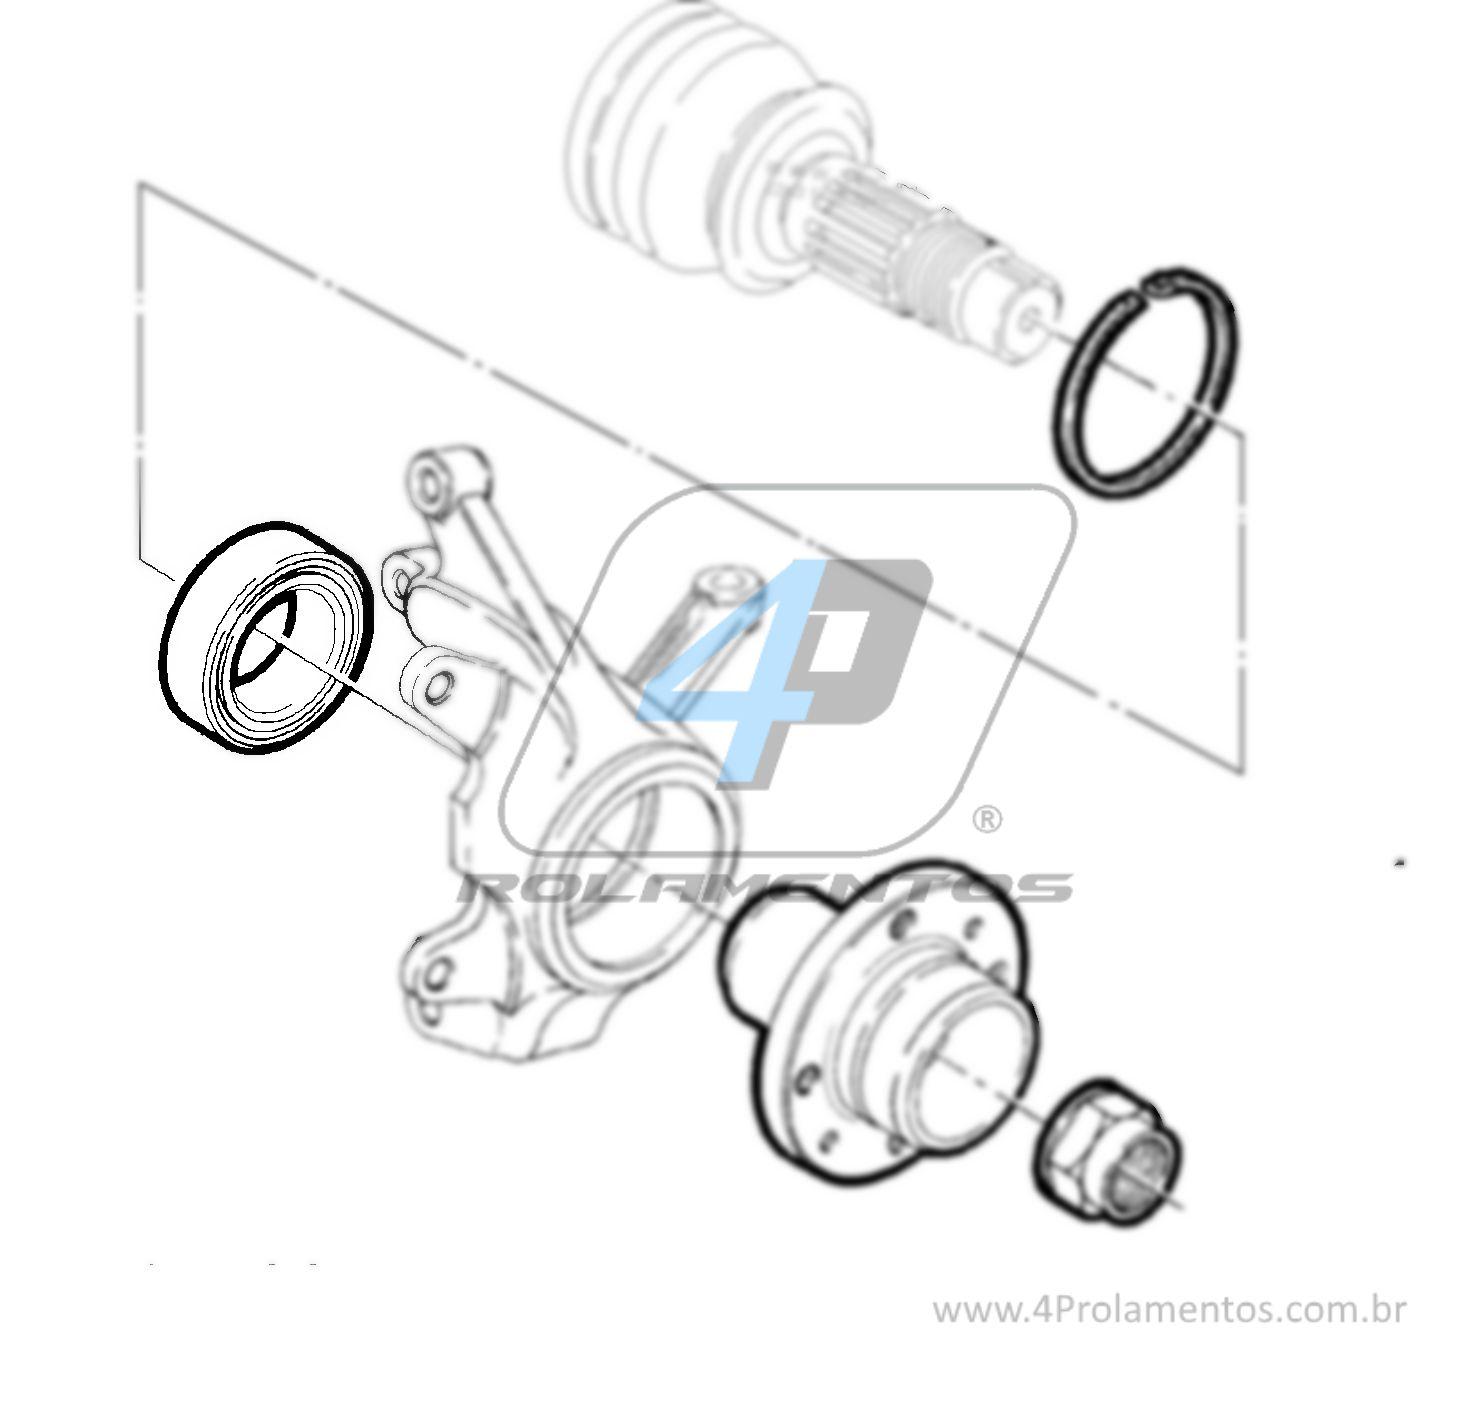 Rolamento de Roda Dianteira FIAT Idea (1.6L, 1.8L) 2005 até 2014